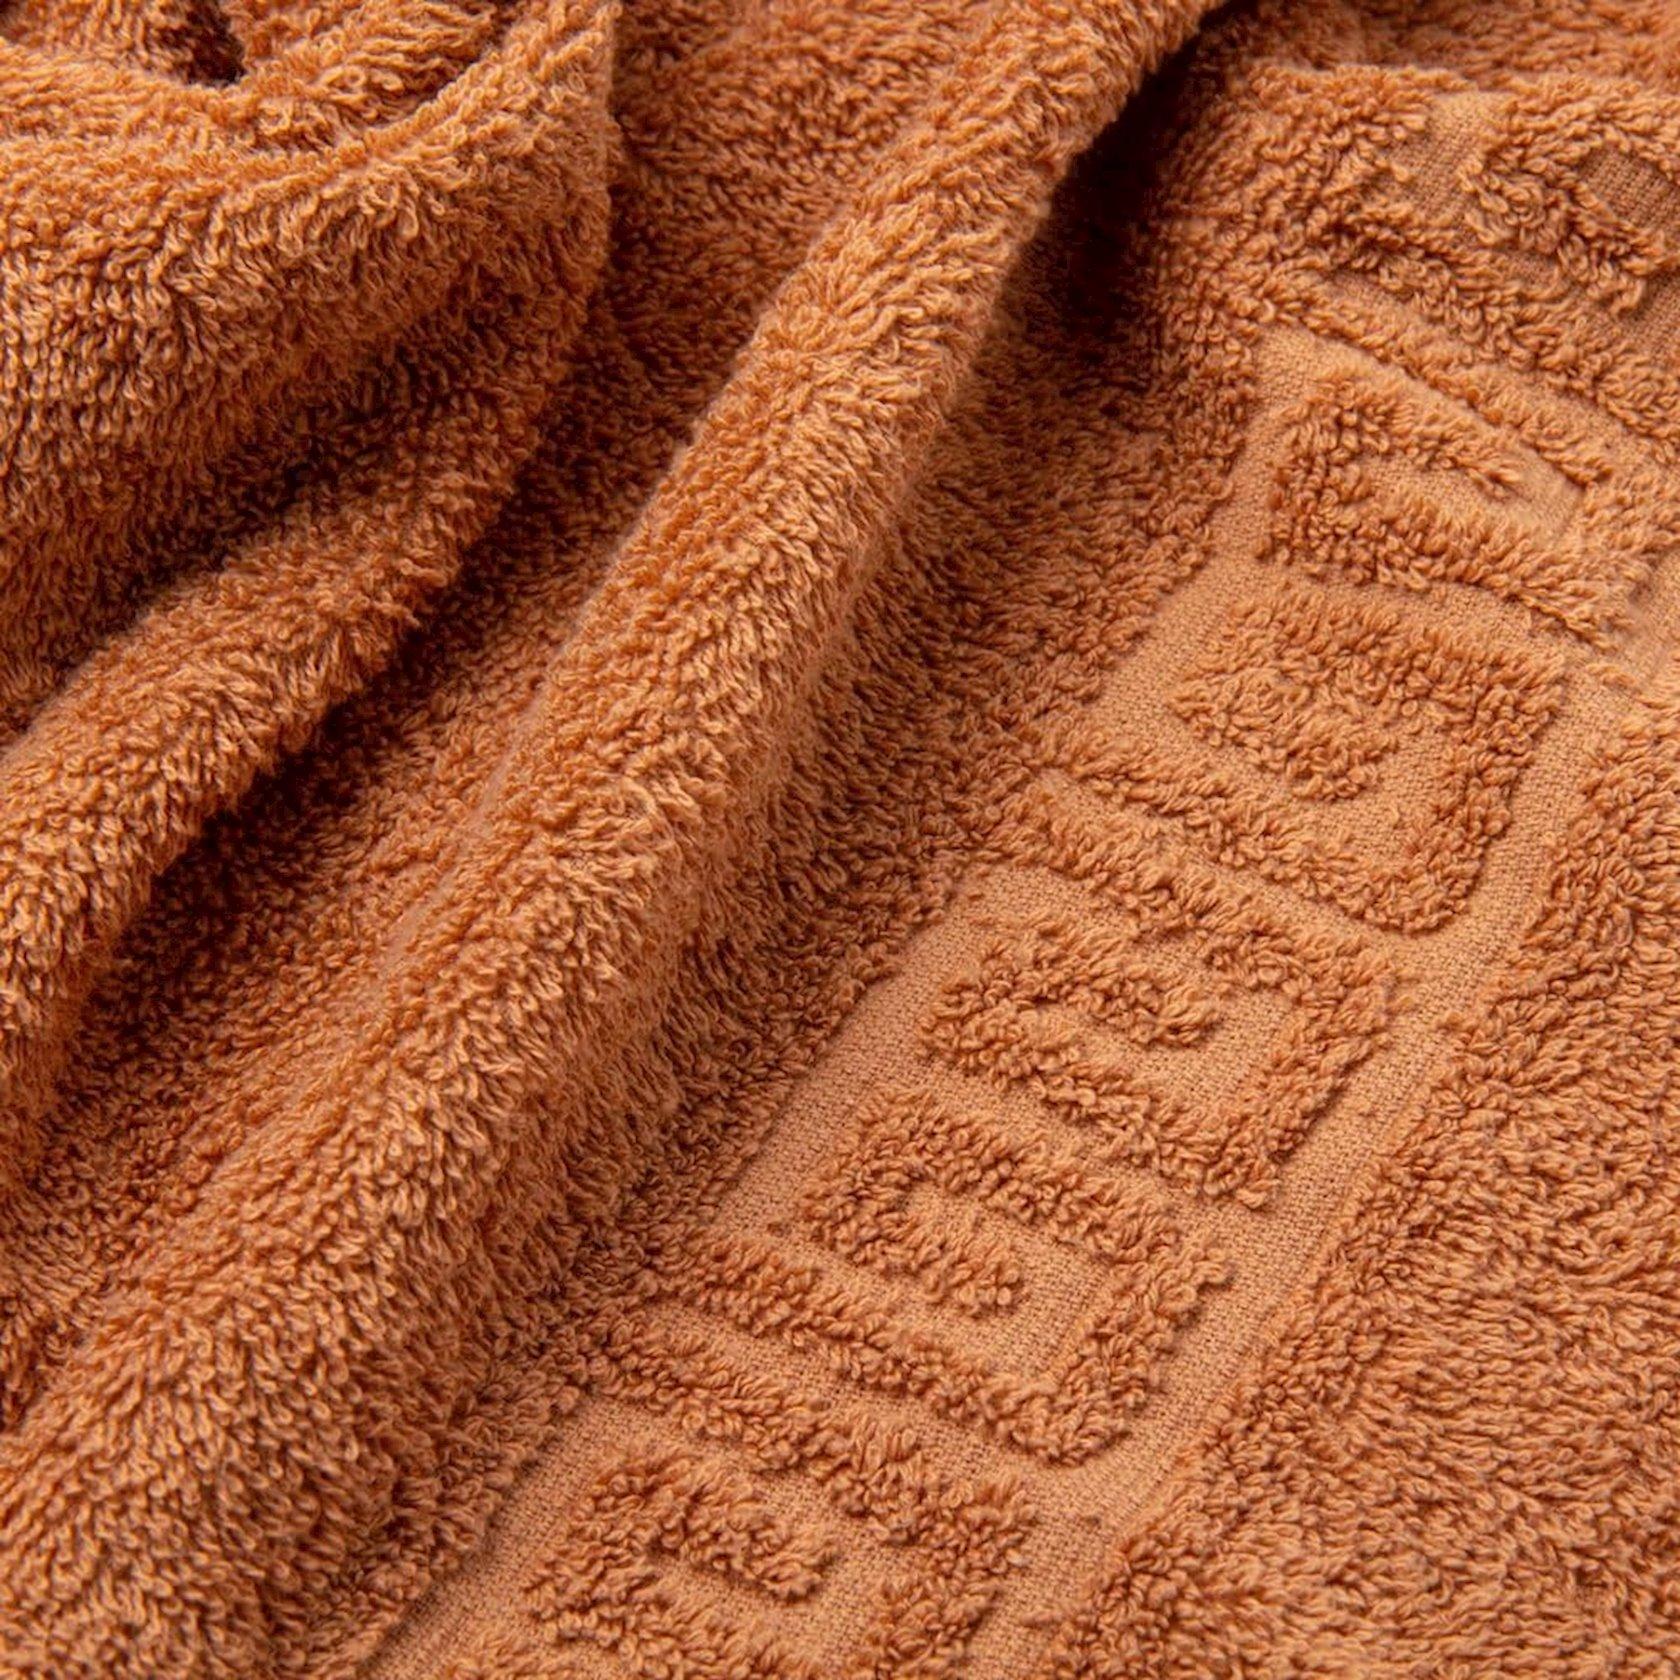 Hamam dəsmalı ADT Camel 70x140, sıxlıq 430 qr/m²